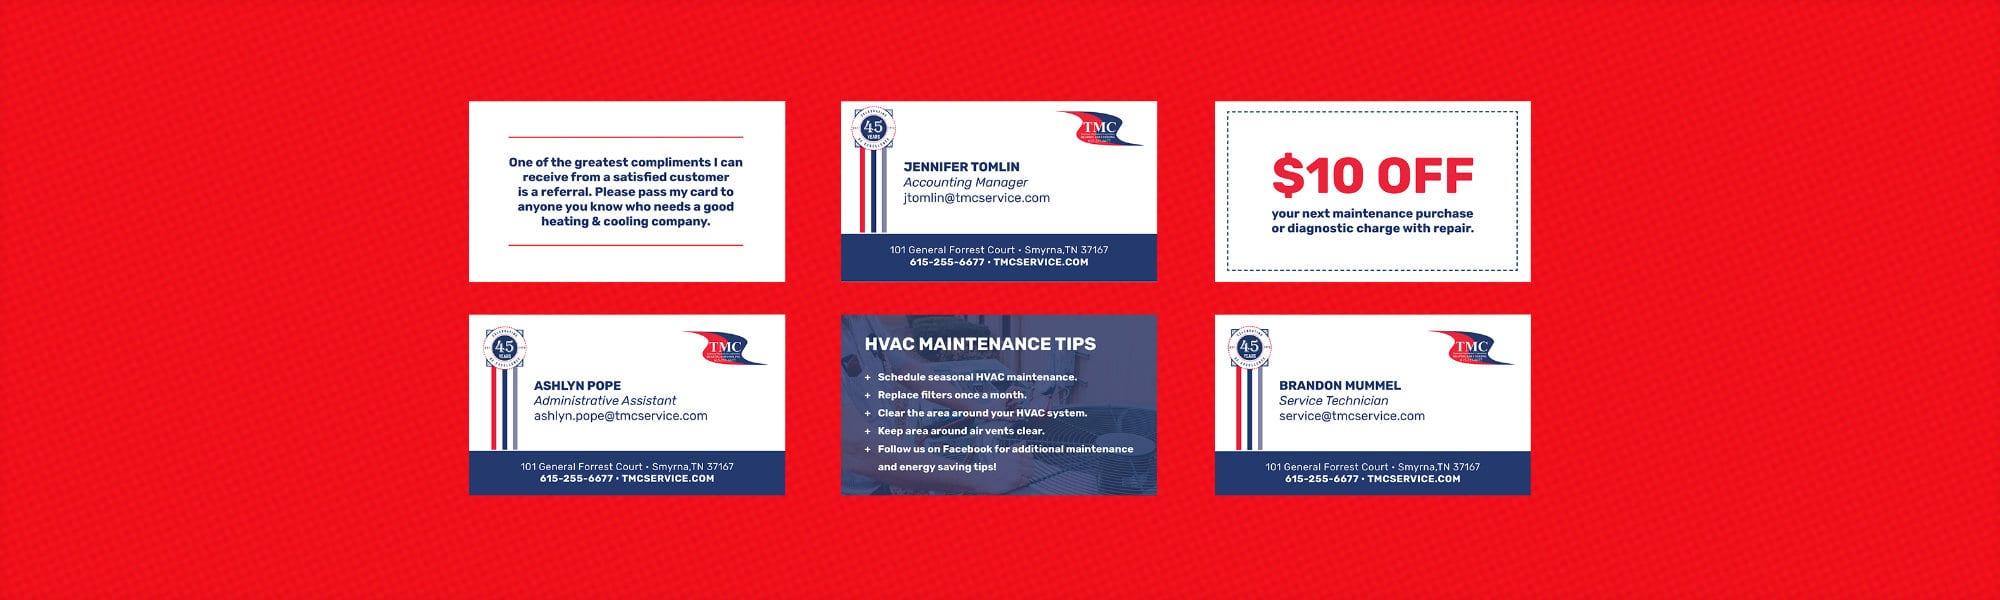 TMC Business Cards